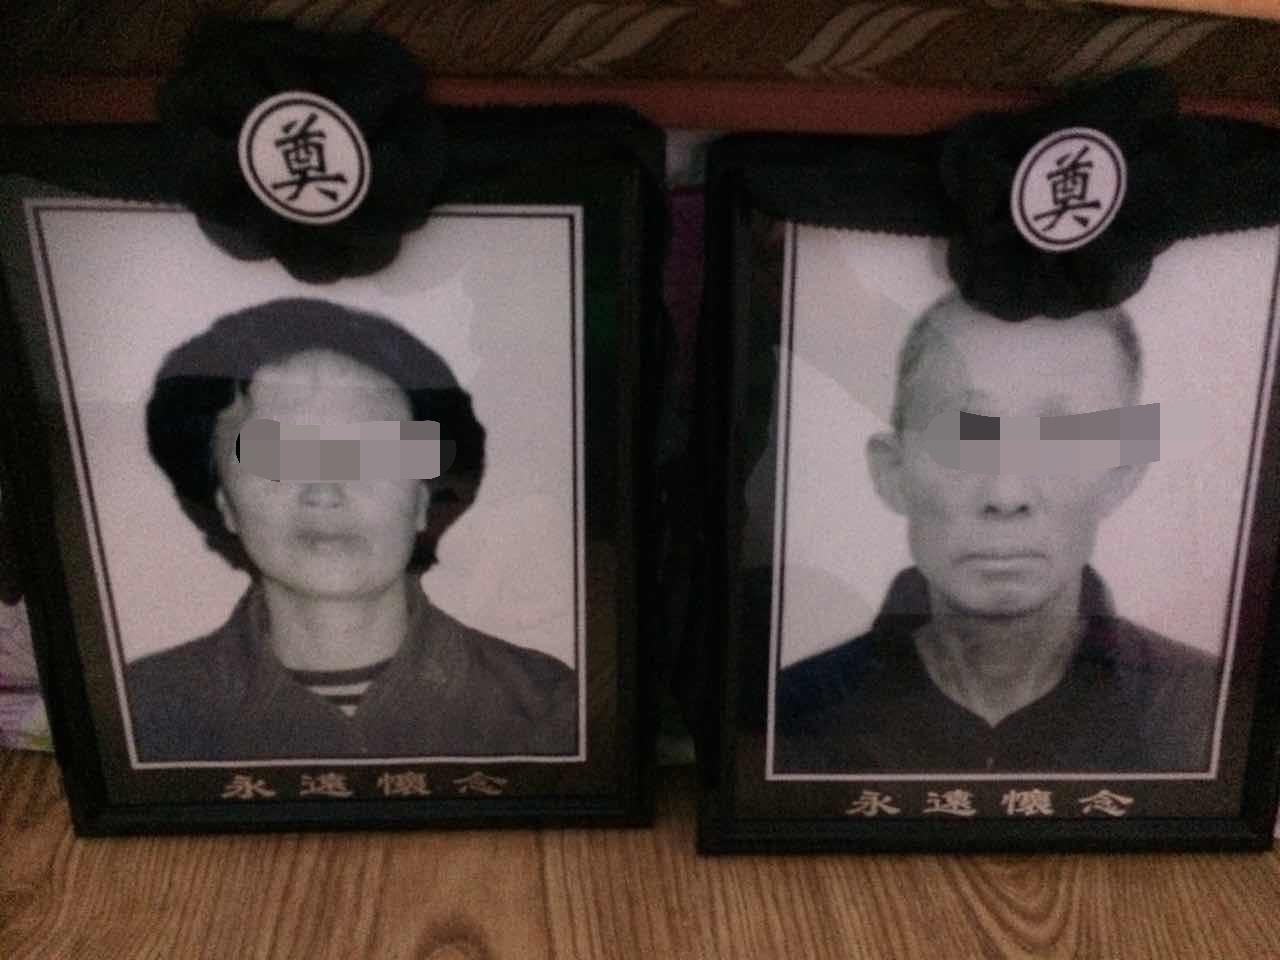 遇害者许某夫妇的遗像。